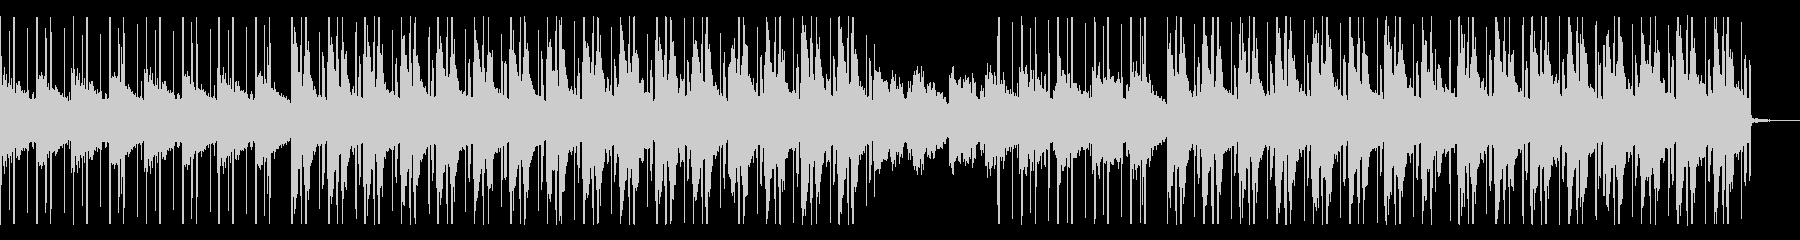 メロウでグルーヴィーなチルヒップホップの未再生の波形